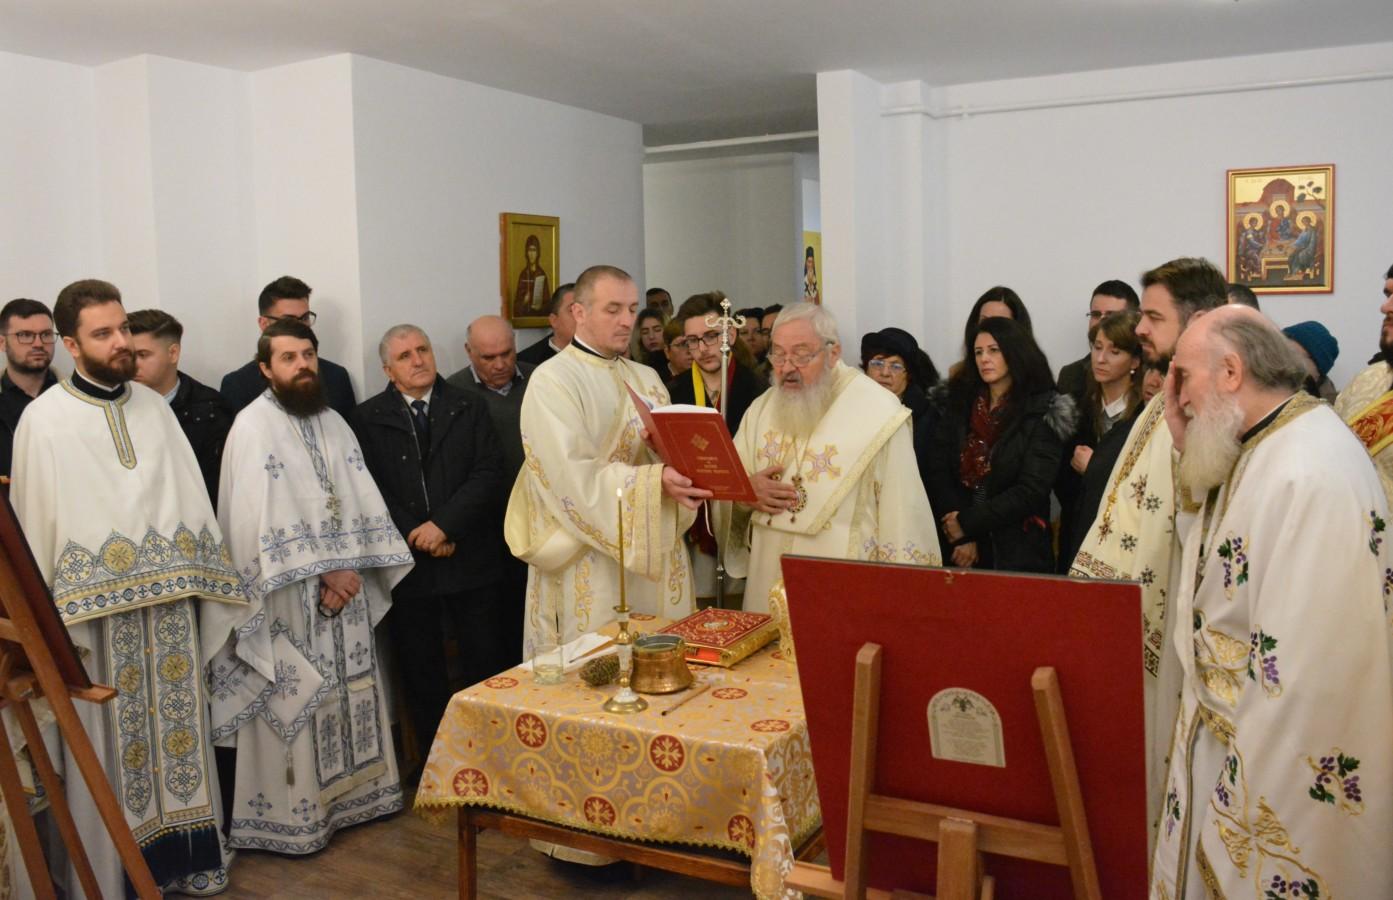 """Parohia """"Sfântul Ierarh Silvestru"""" din noul cartier clujean Sopor și-a sărbătorit primul hram, în prezența Părintelui Mitropolit Andrei"""